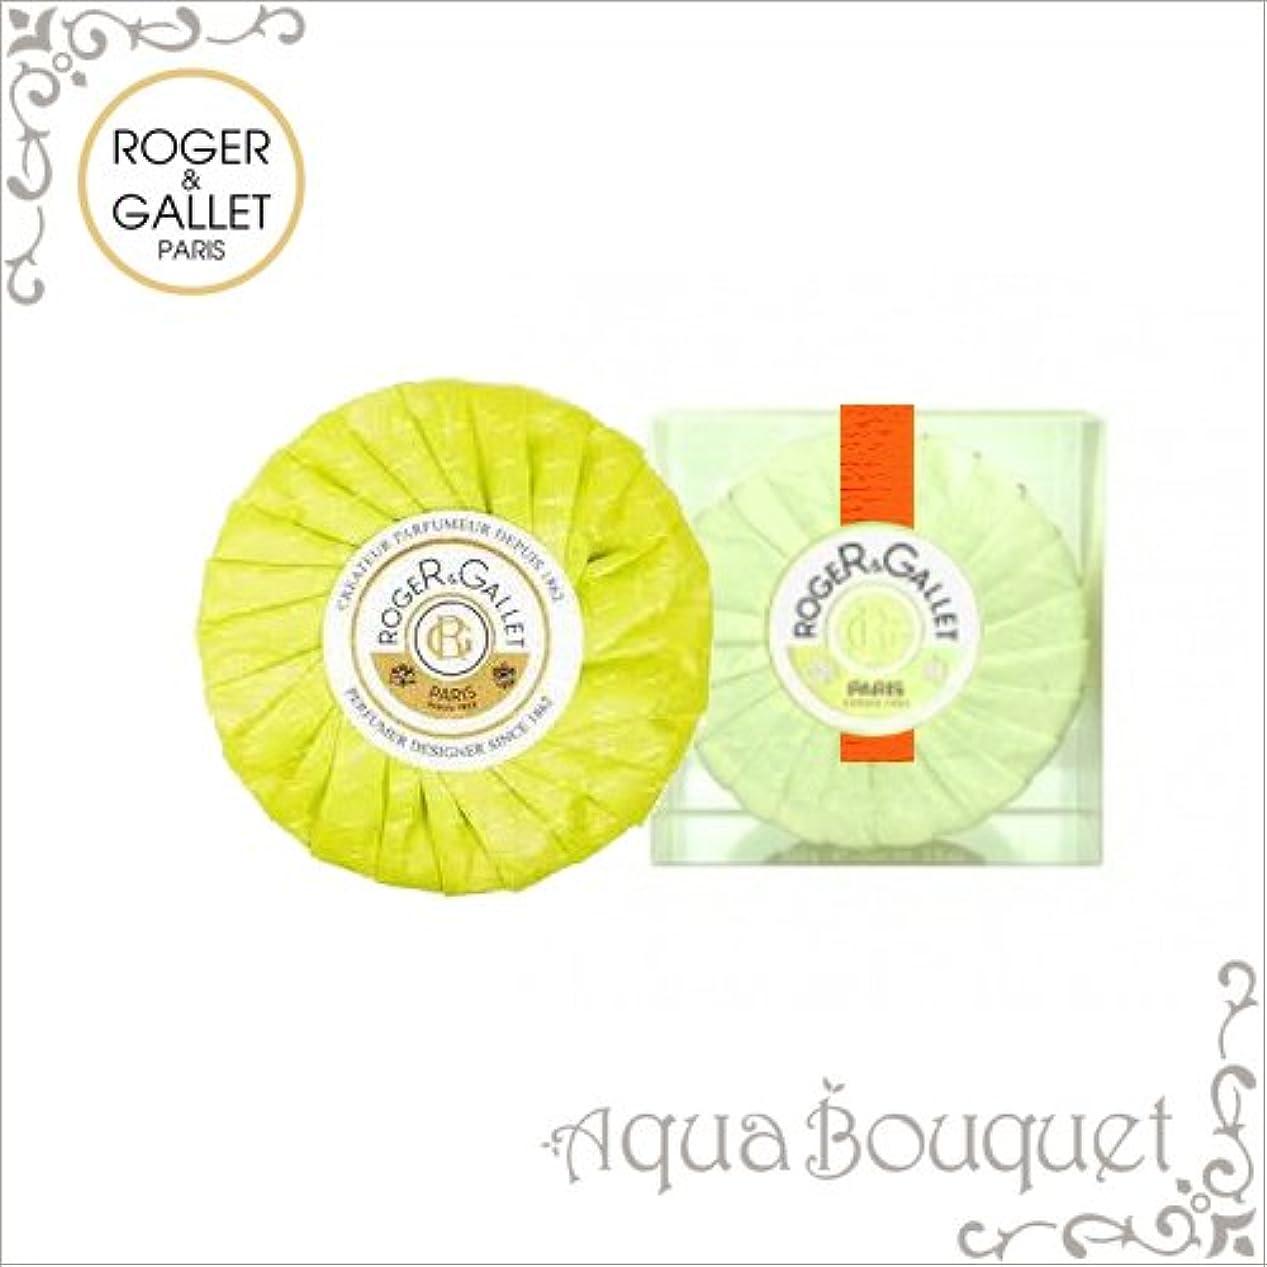 ベテランメディア島ロジェガレ オスマンティウスパフューム 香水石鹸 100g ROGER&GALLET FLEUR D'OSMANTHUS PERFUMED SOAP [1278](プラスチック簡易ケース入り) [並行輸入品]